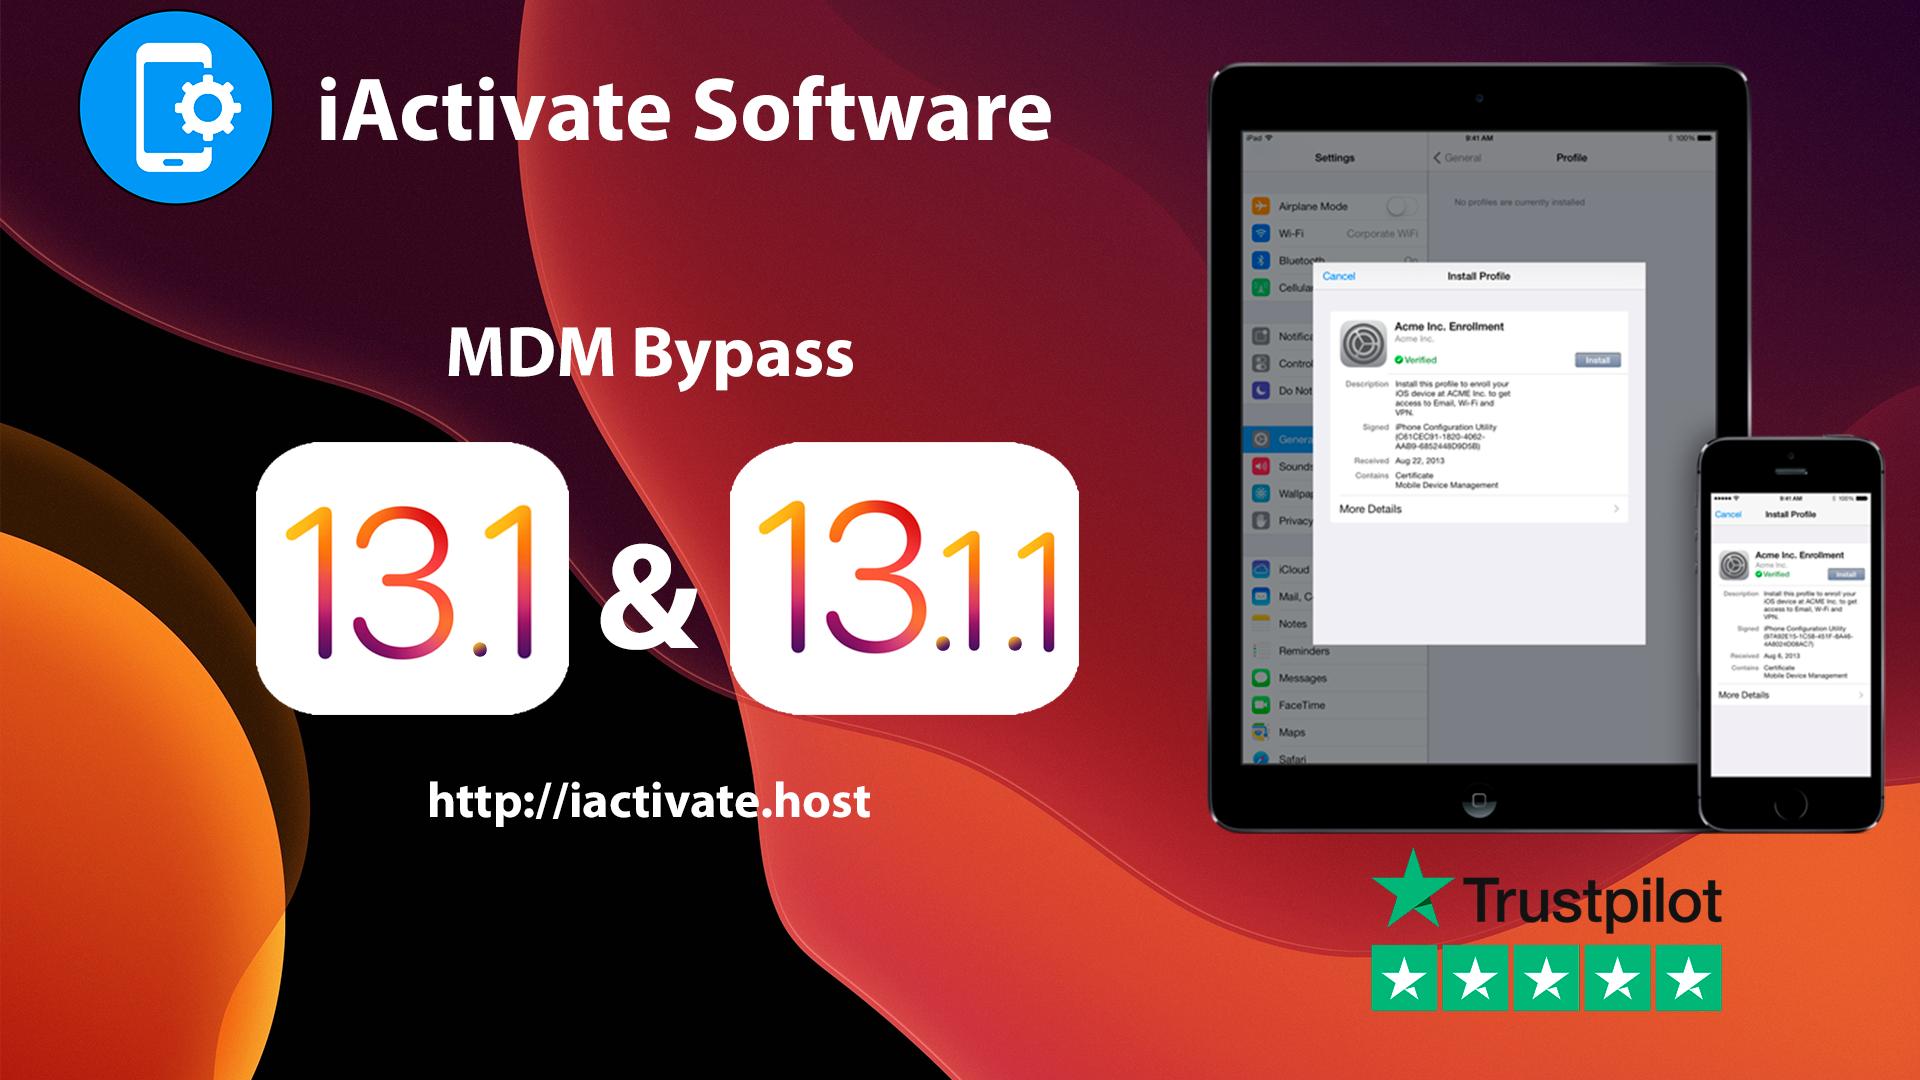 Bypass MDM iOS 13.1, iOS 13.1.1, iOS 13.1.2